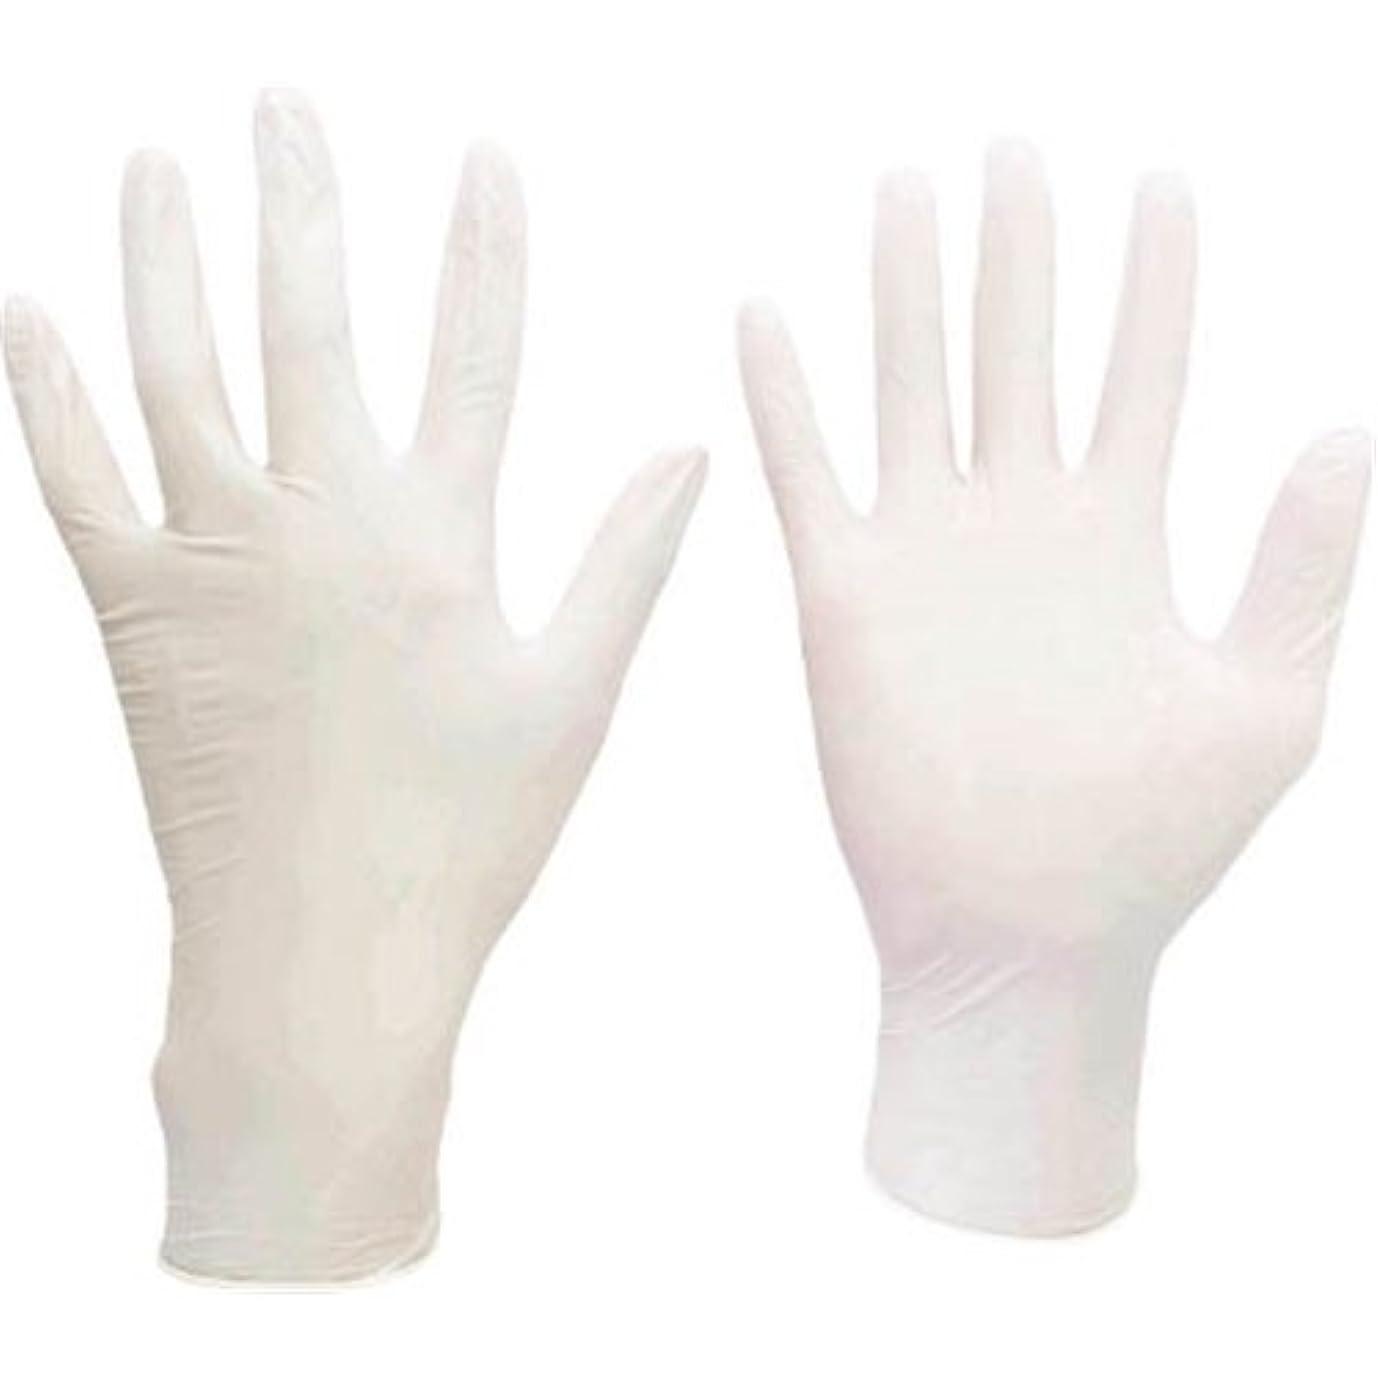 ハイキングに行く市民モンクミドリ安全/ミドリ安全 ニトリル使い捨て手袋 極薄 粉なし 100枚入 白 M(3889084) VERTE-711-M